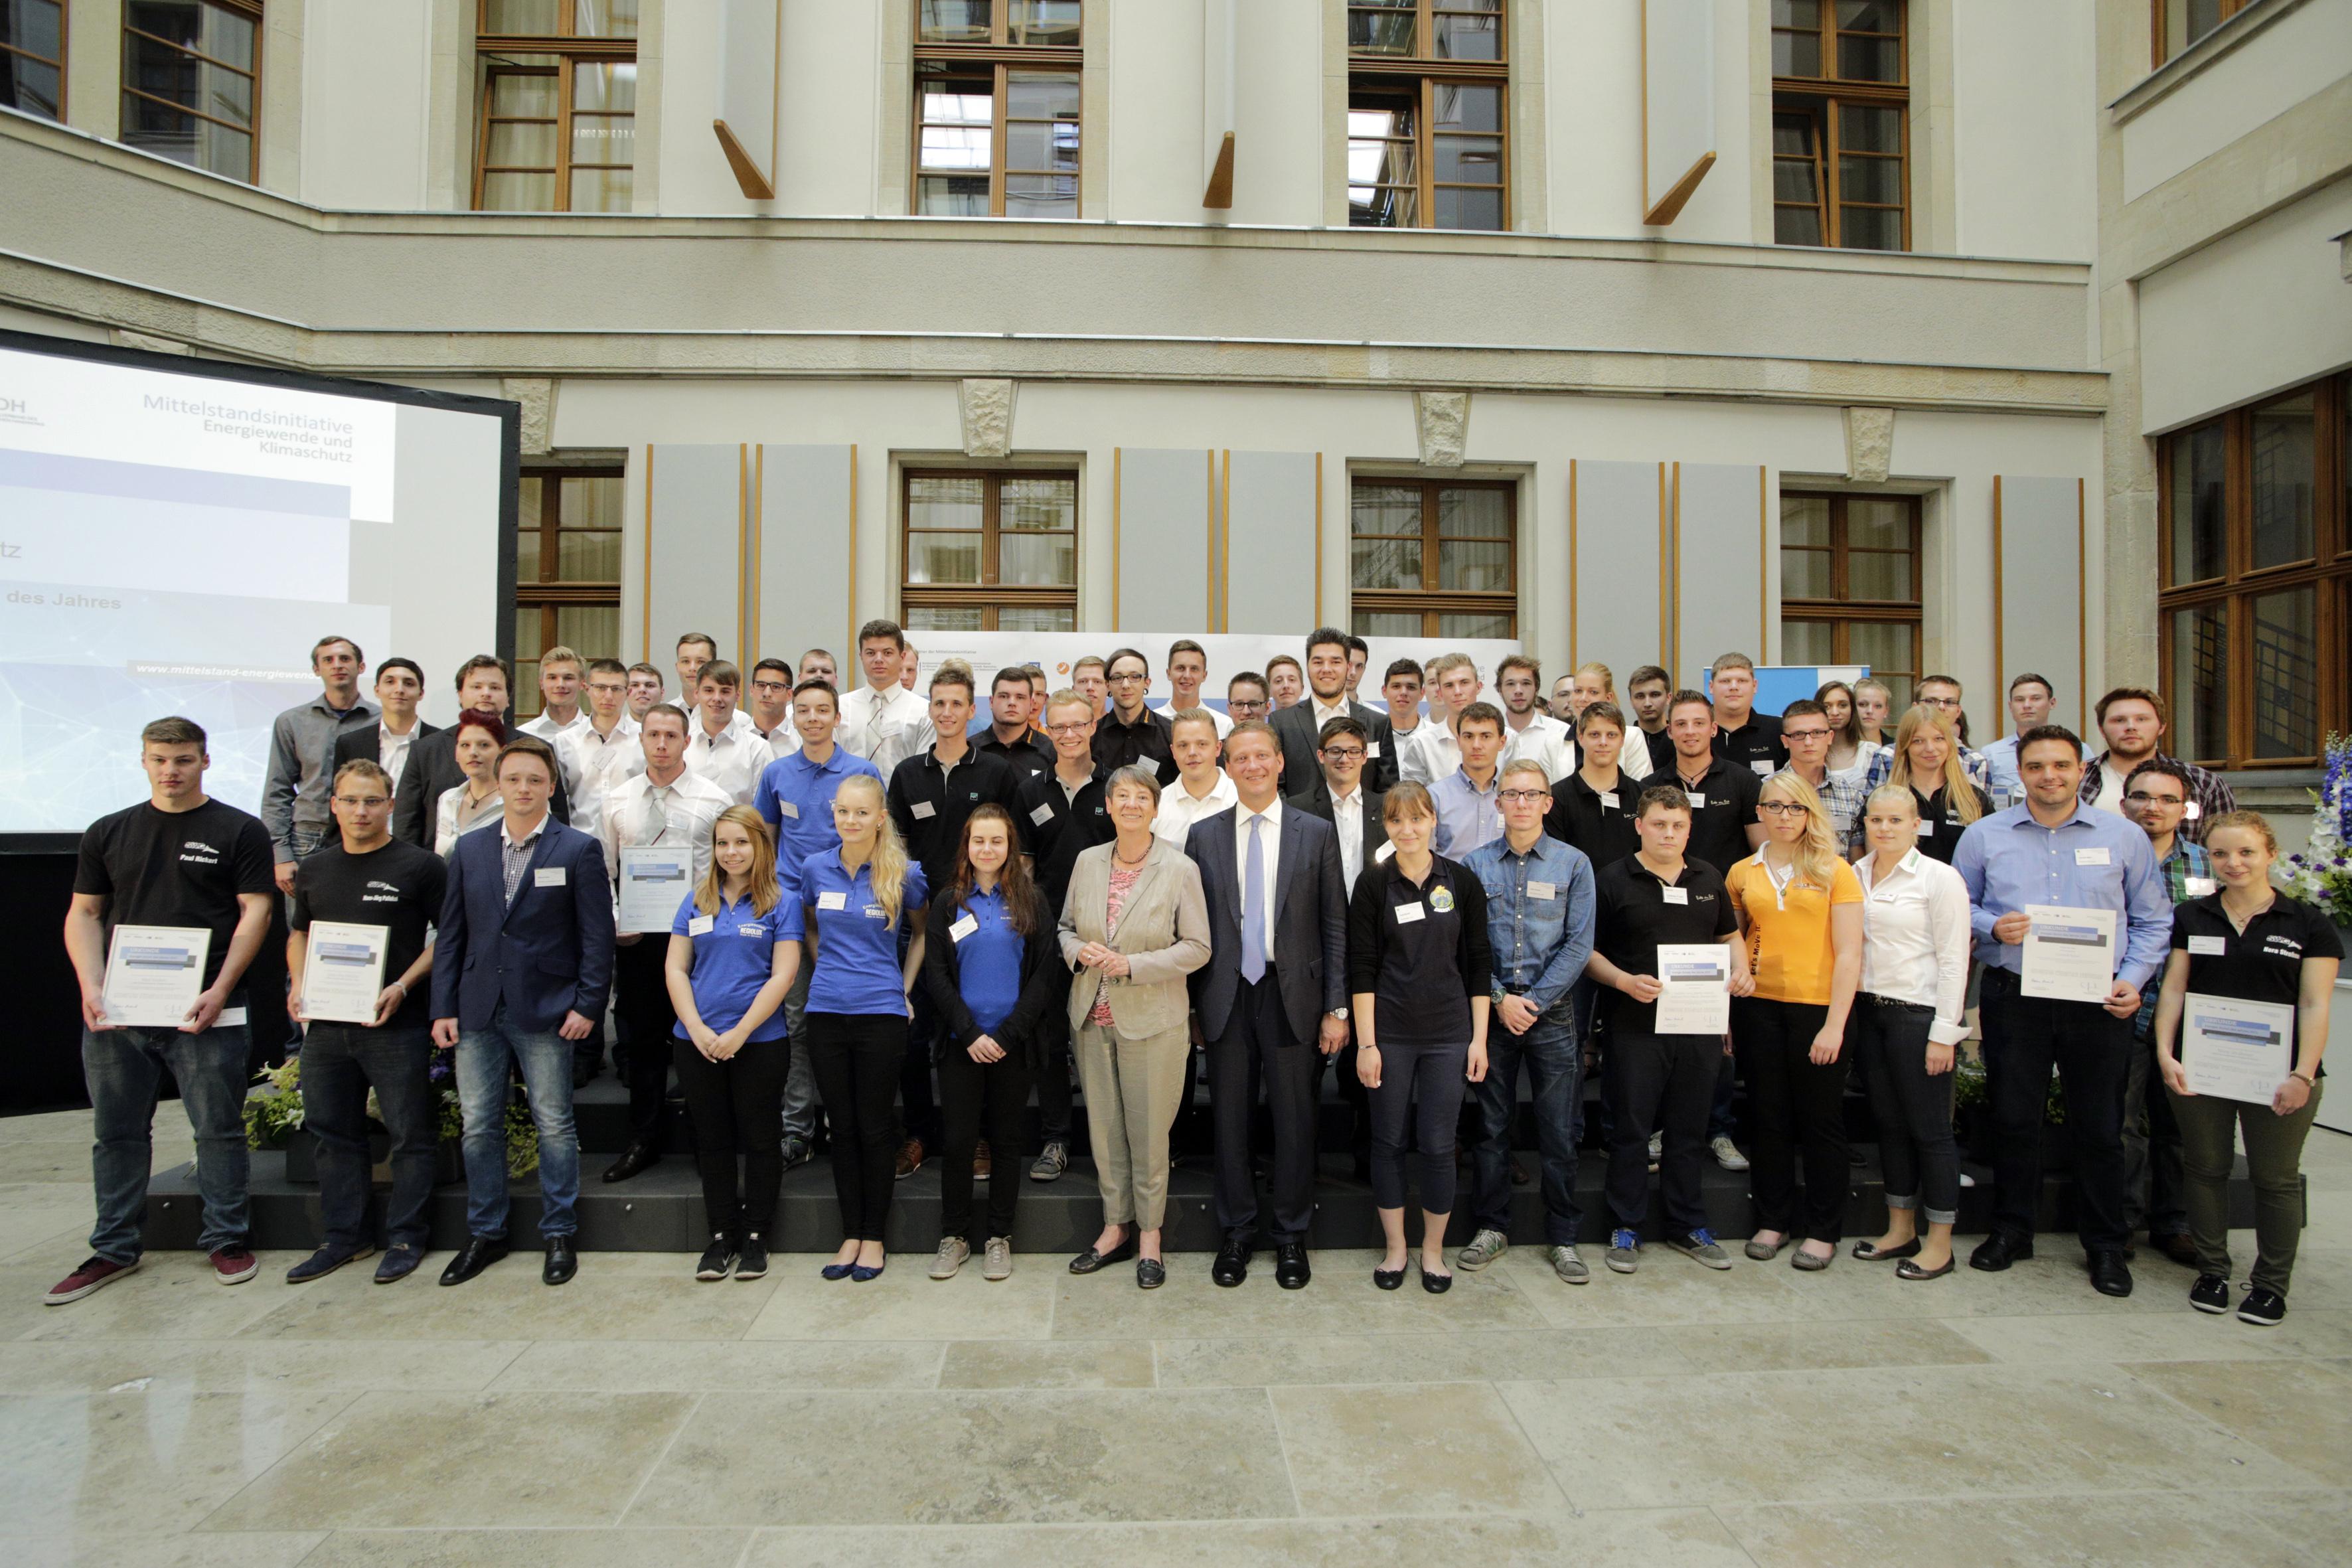 Auszeichnung der besten Energie-Scouts für erfolgreiche Energieeffizienz im Ausbildungsbetrieb